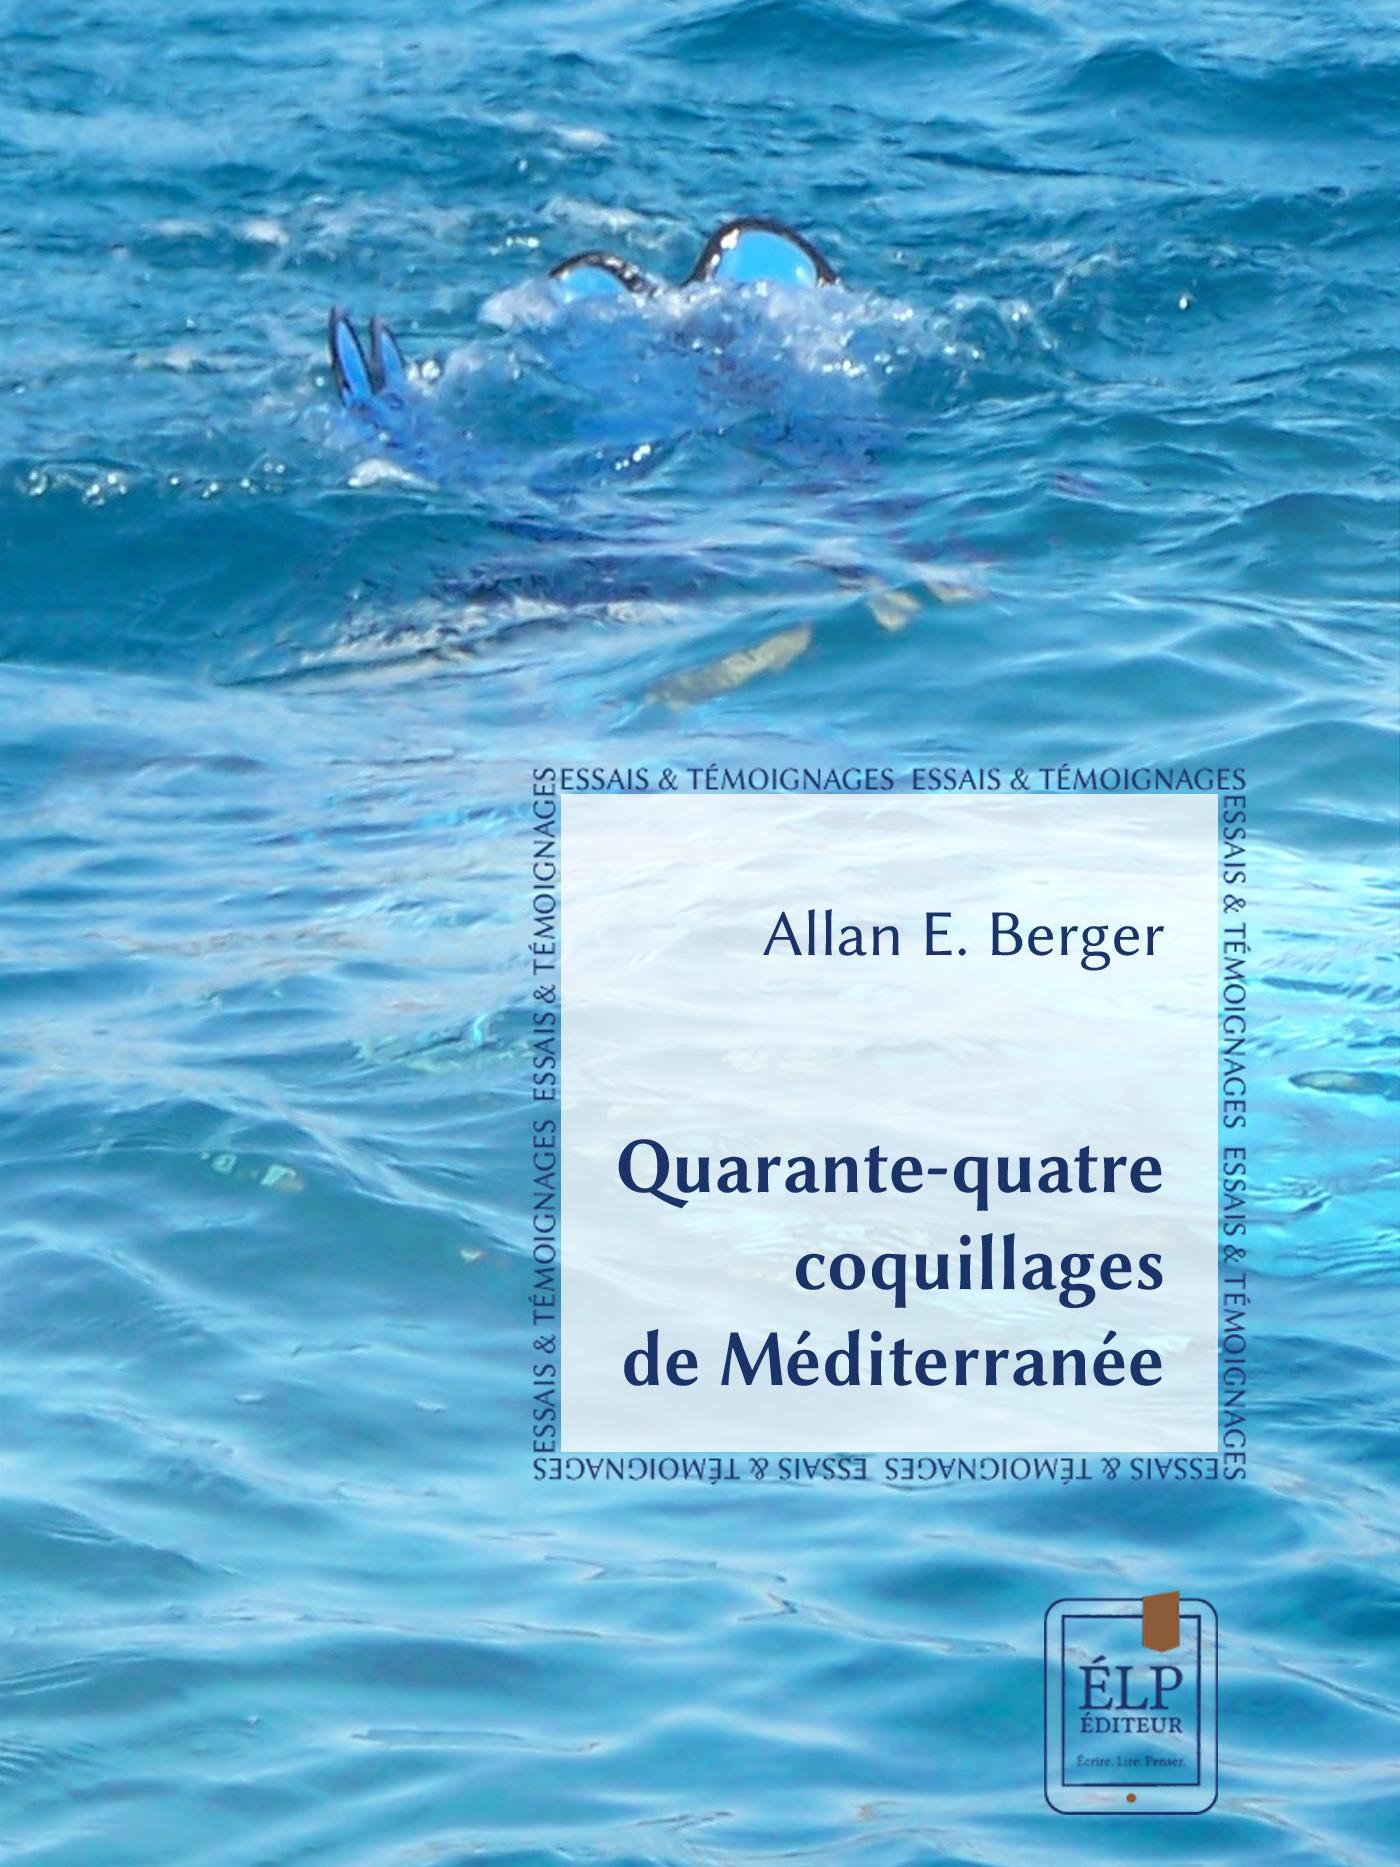 Quarante-quatre coquillages de Méditerranée  - Allan E. Berger